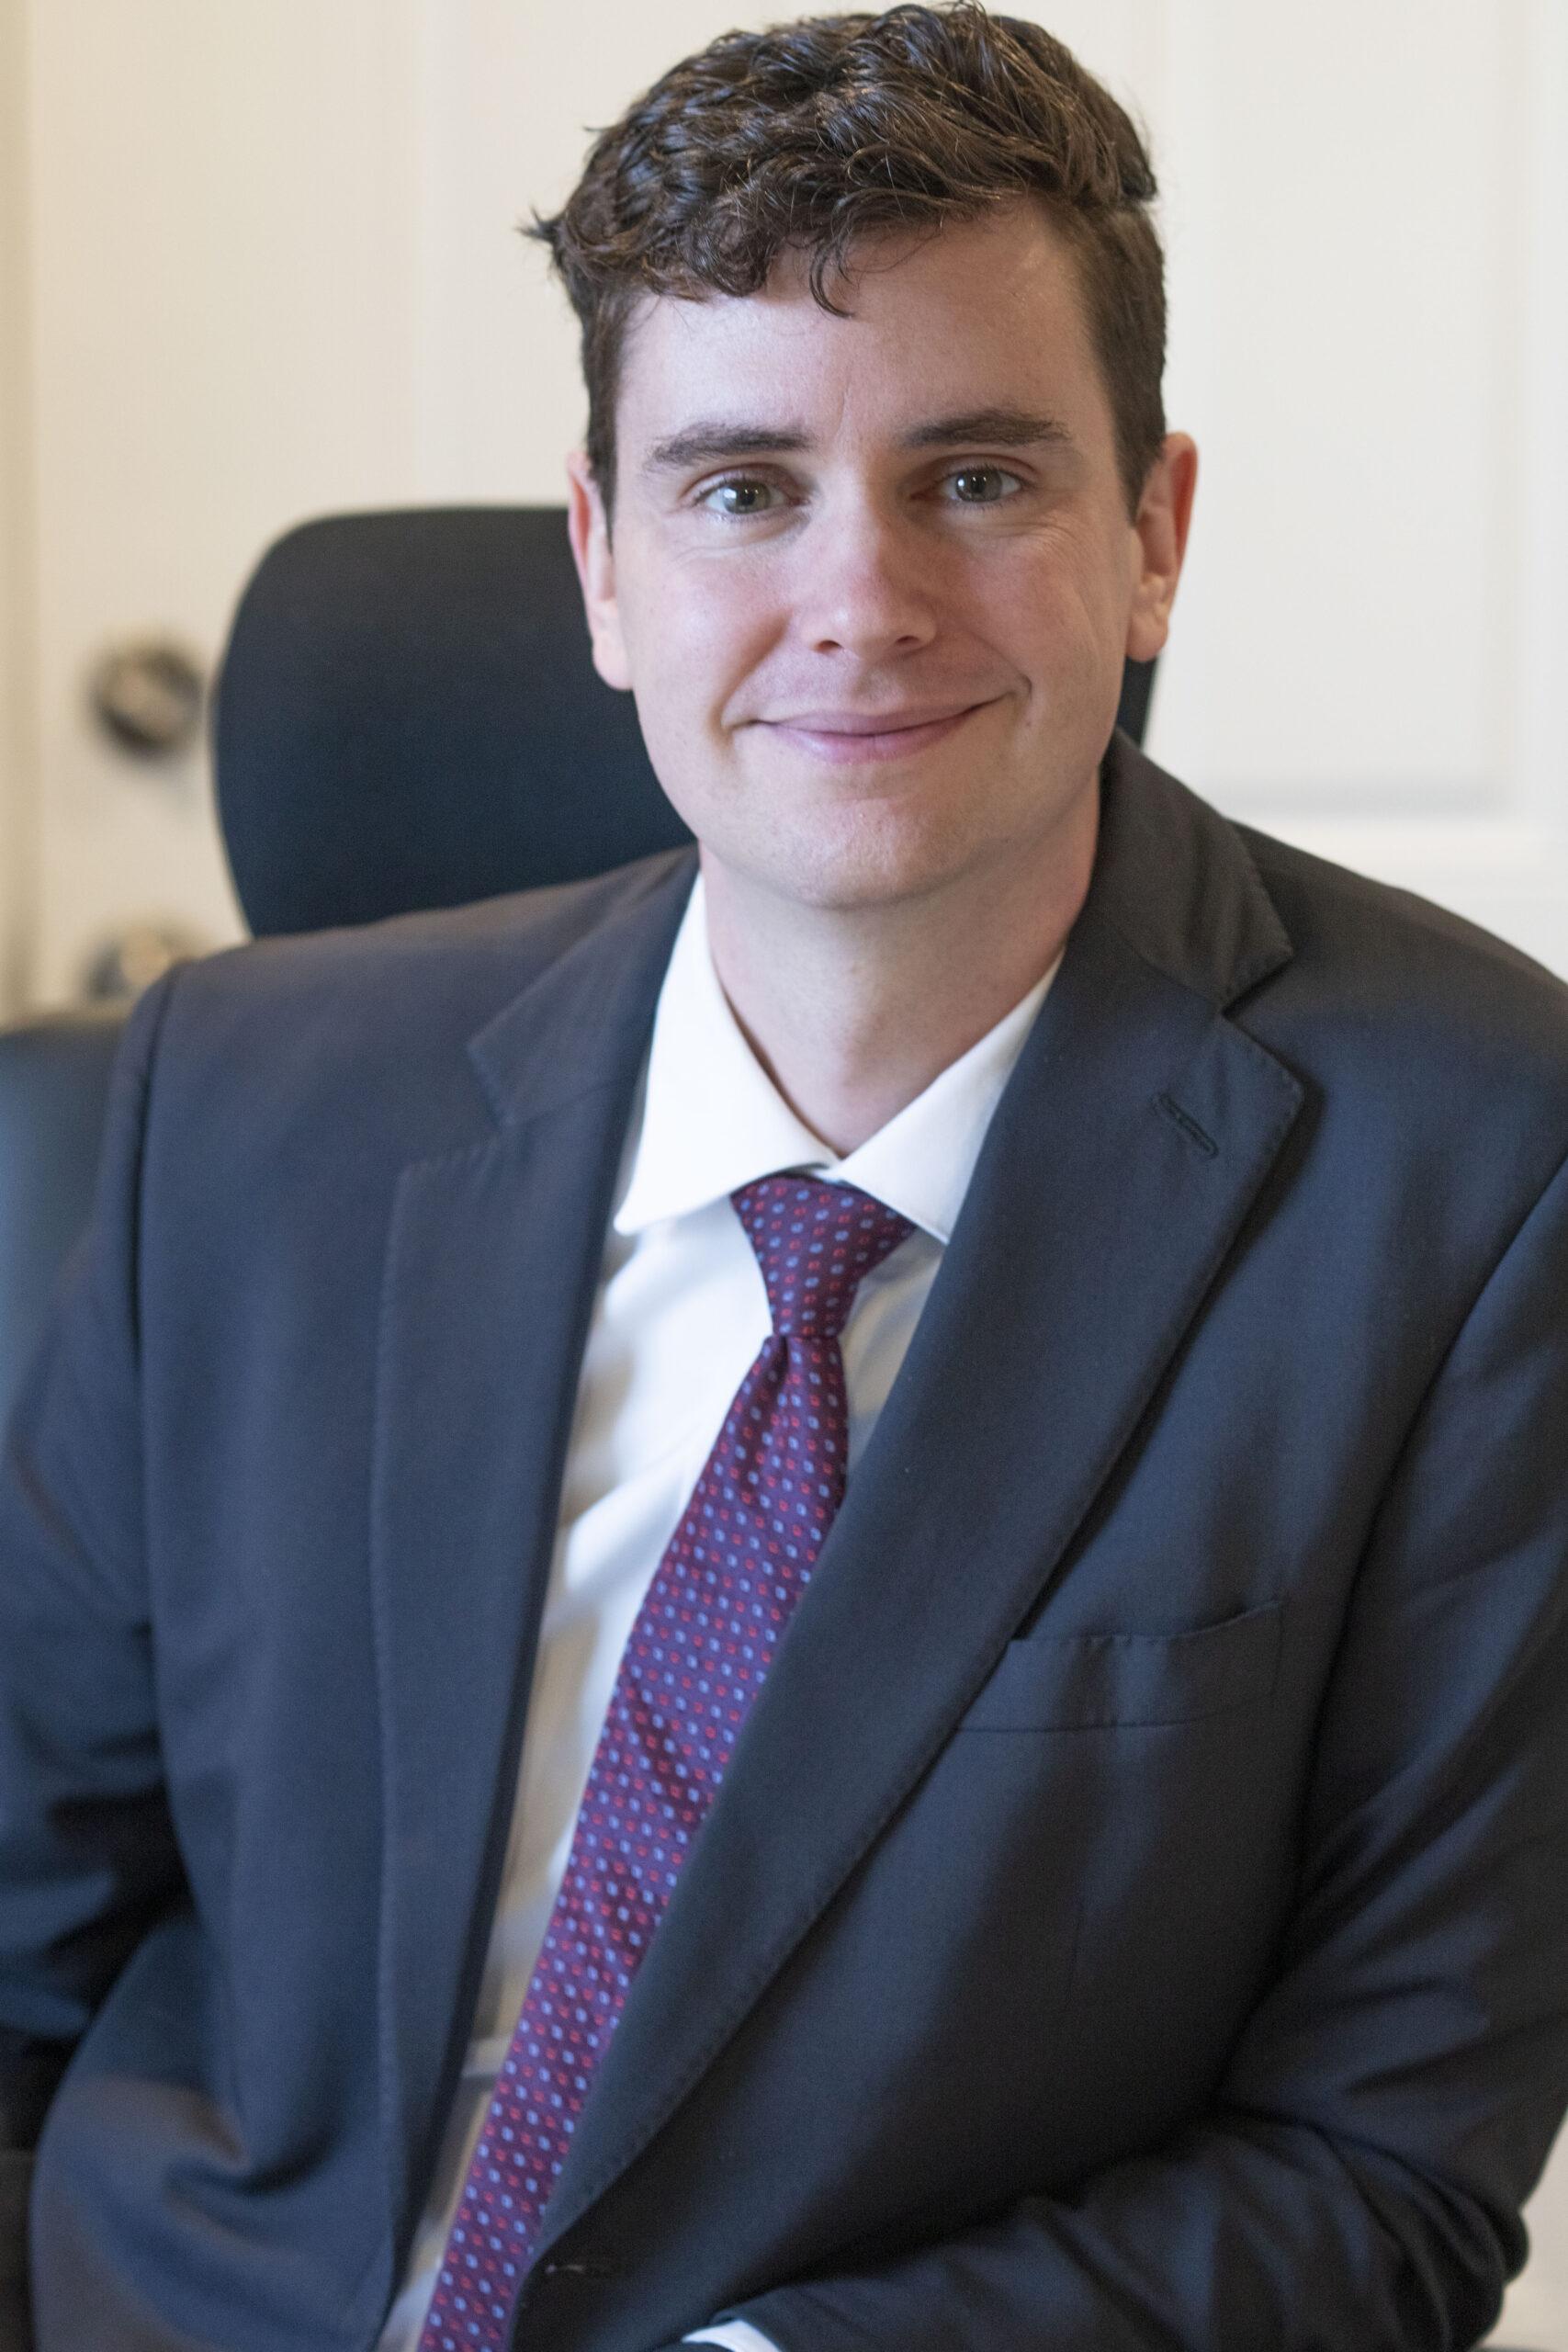 Michael Hrdlicka